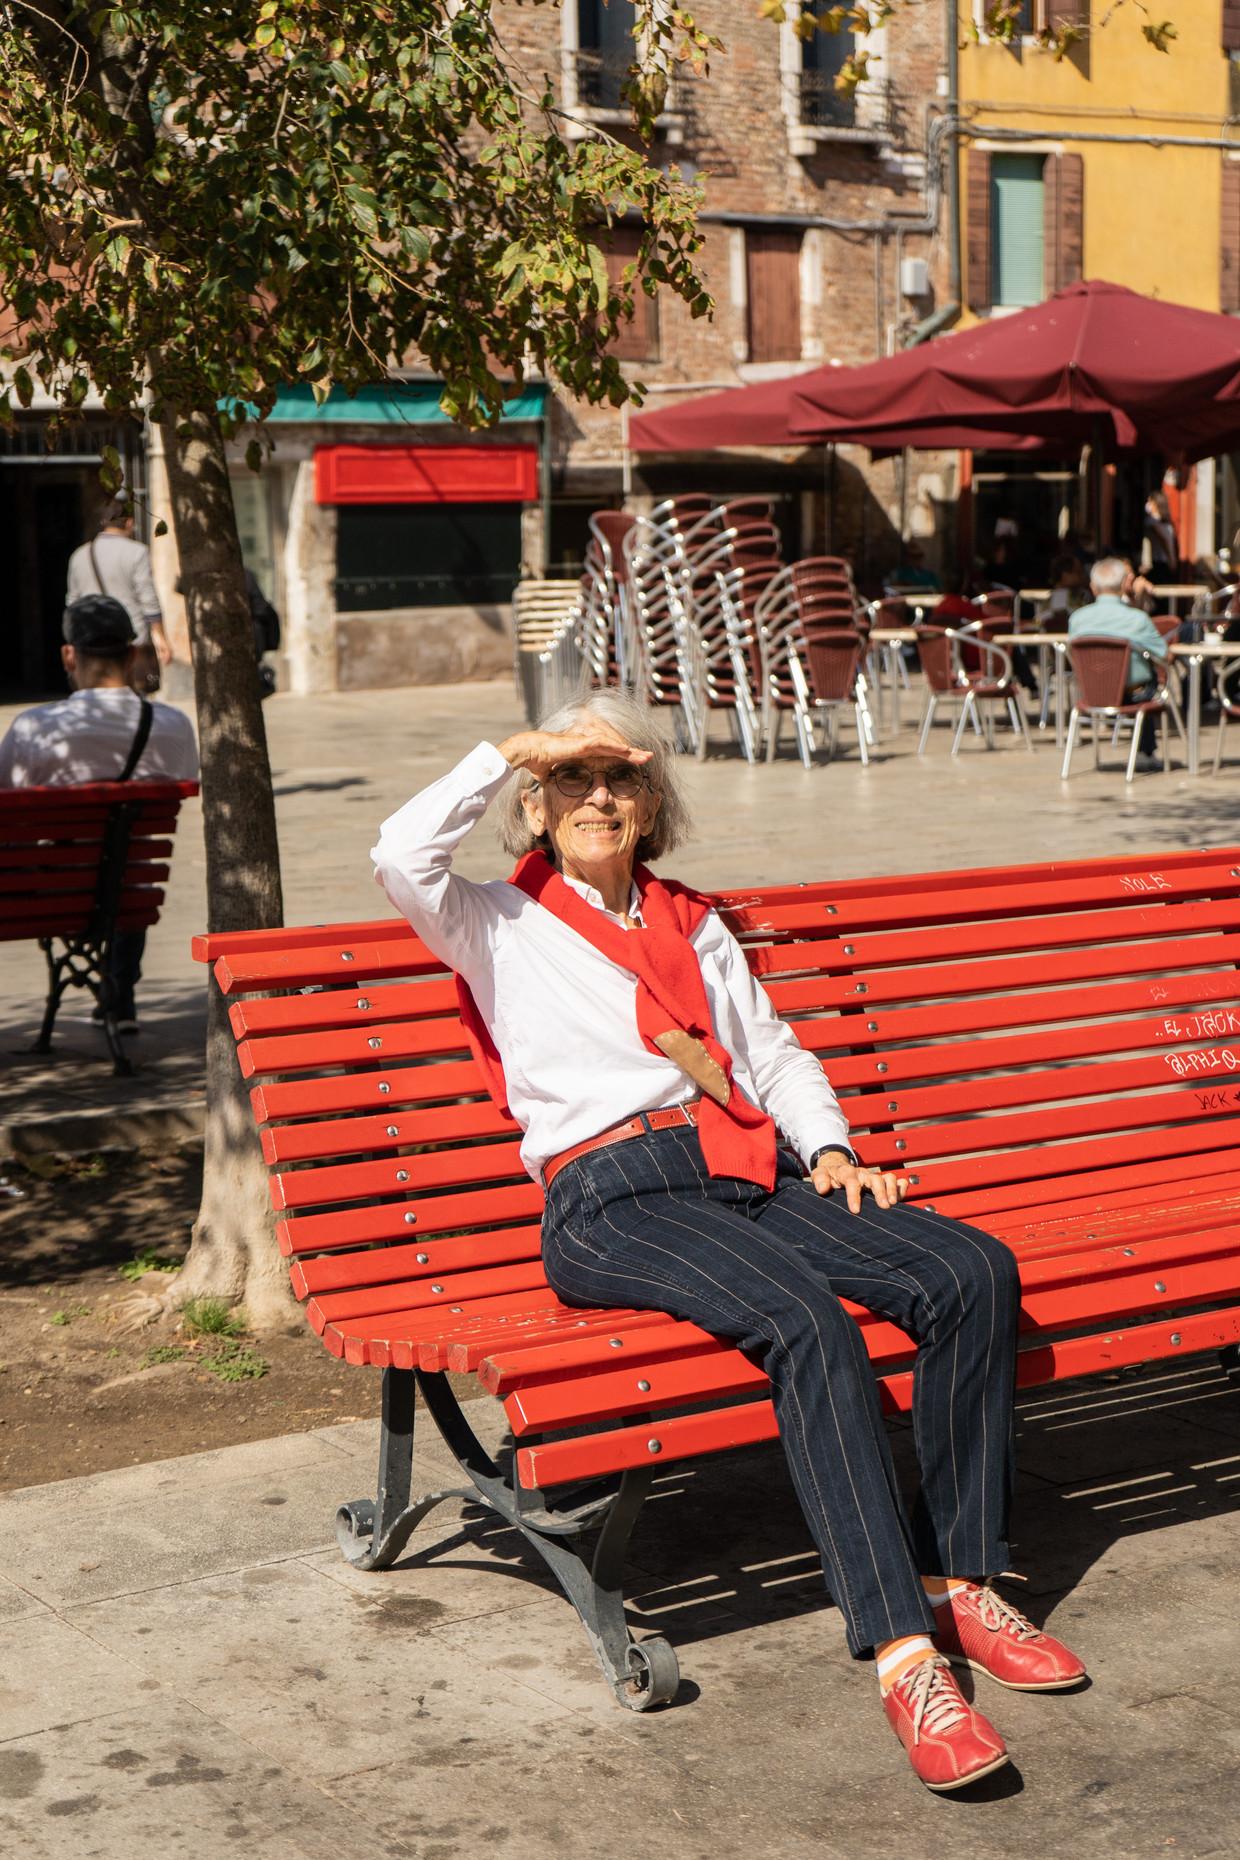 Donna Leon in Venetië: 'Ik wil geen grote projecten, geen doelen, geen idealen om te verdedigen. Ik wil alleen maar vertellen.' Beeld Marta Giaccone